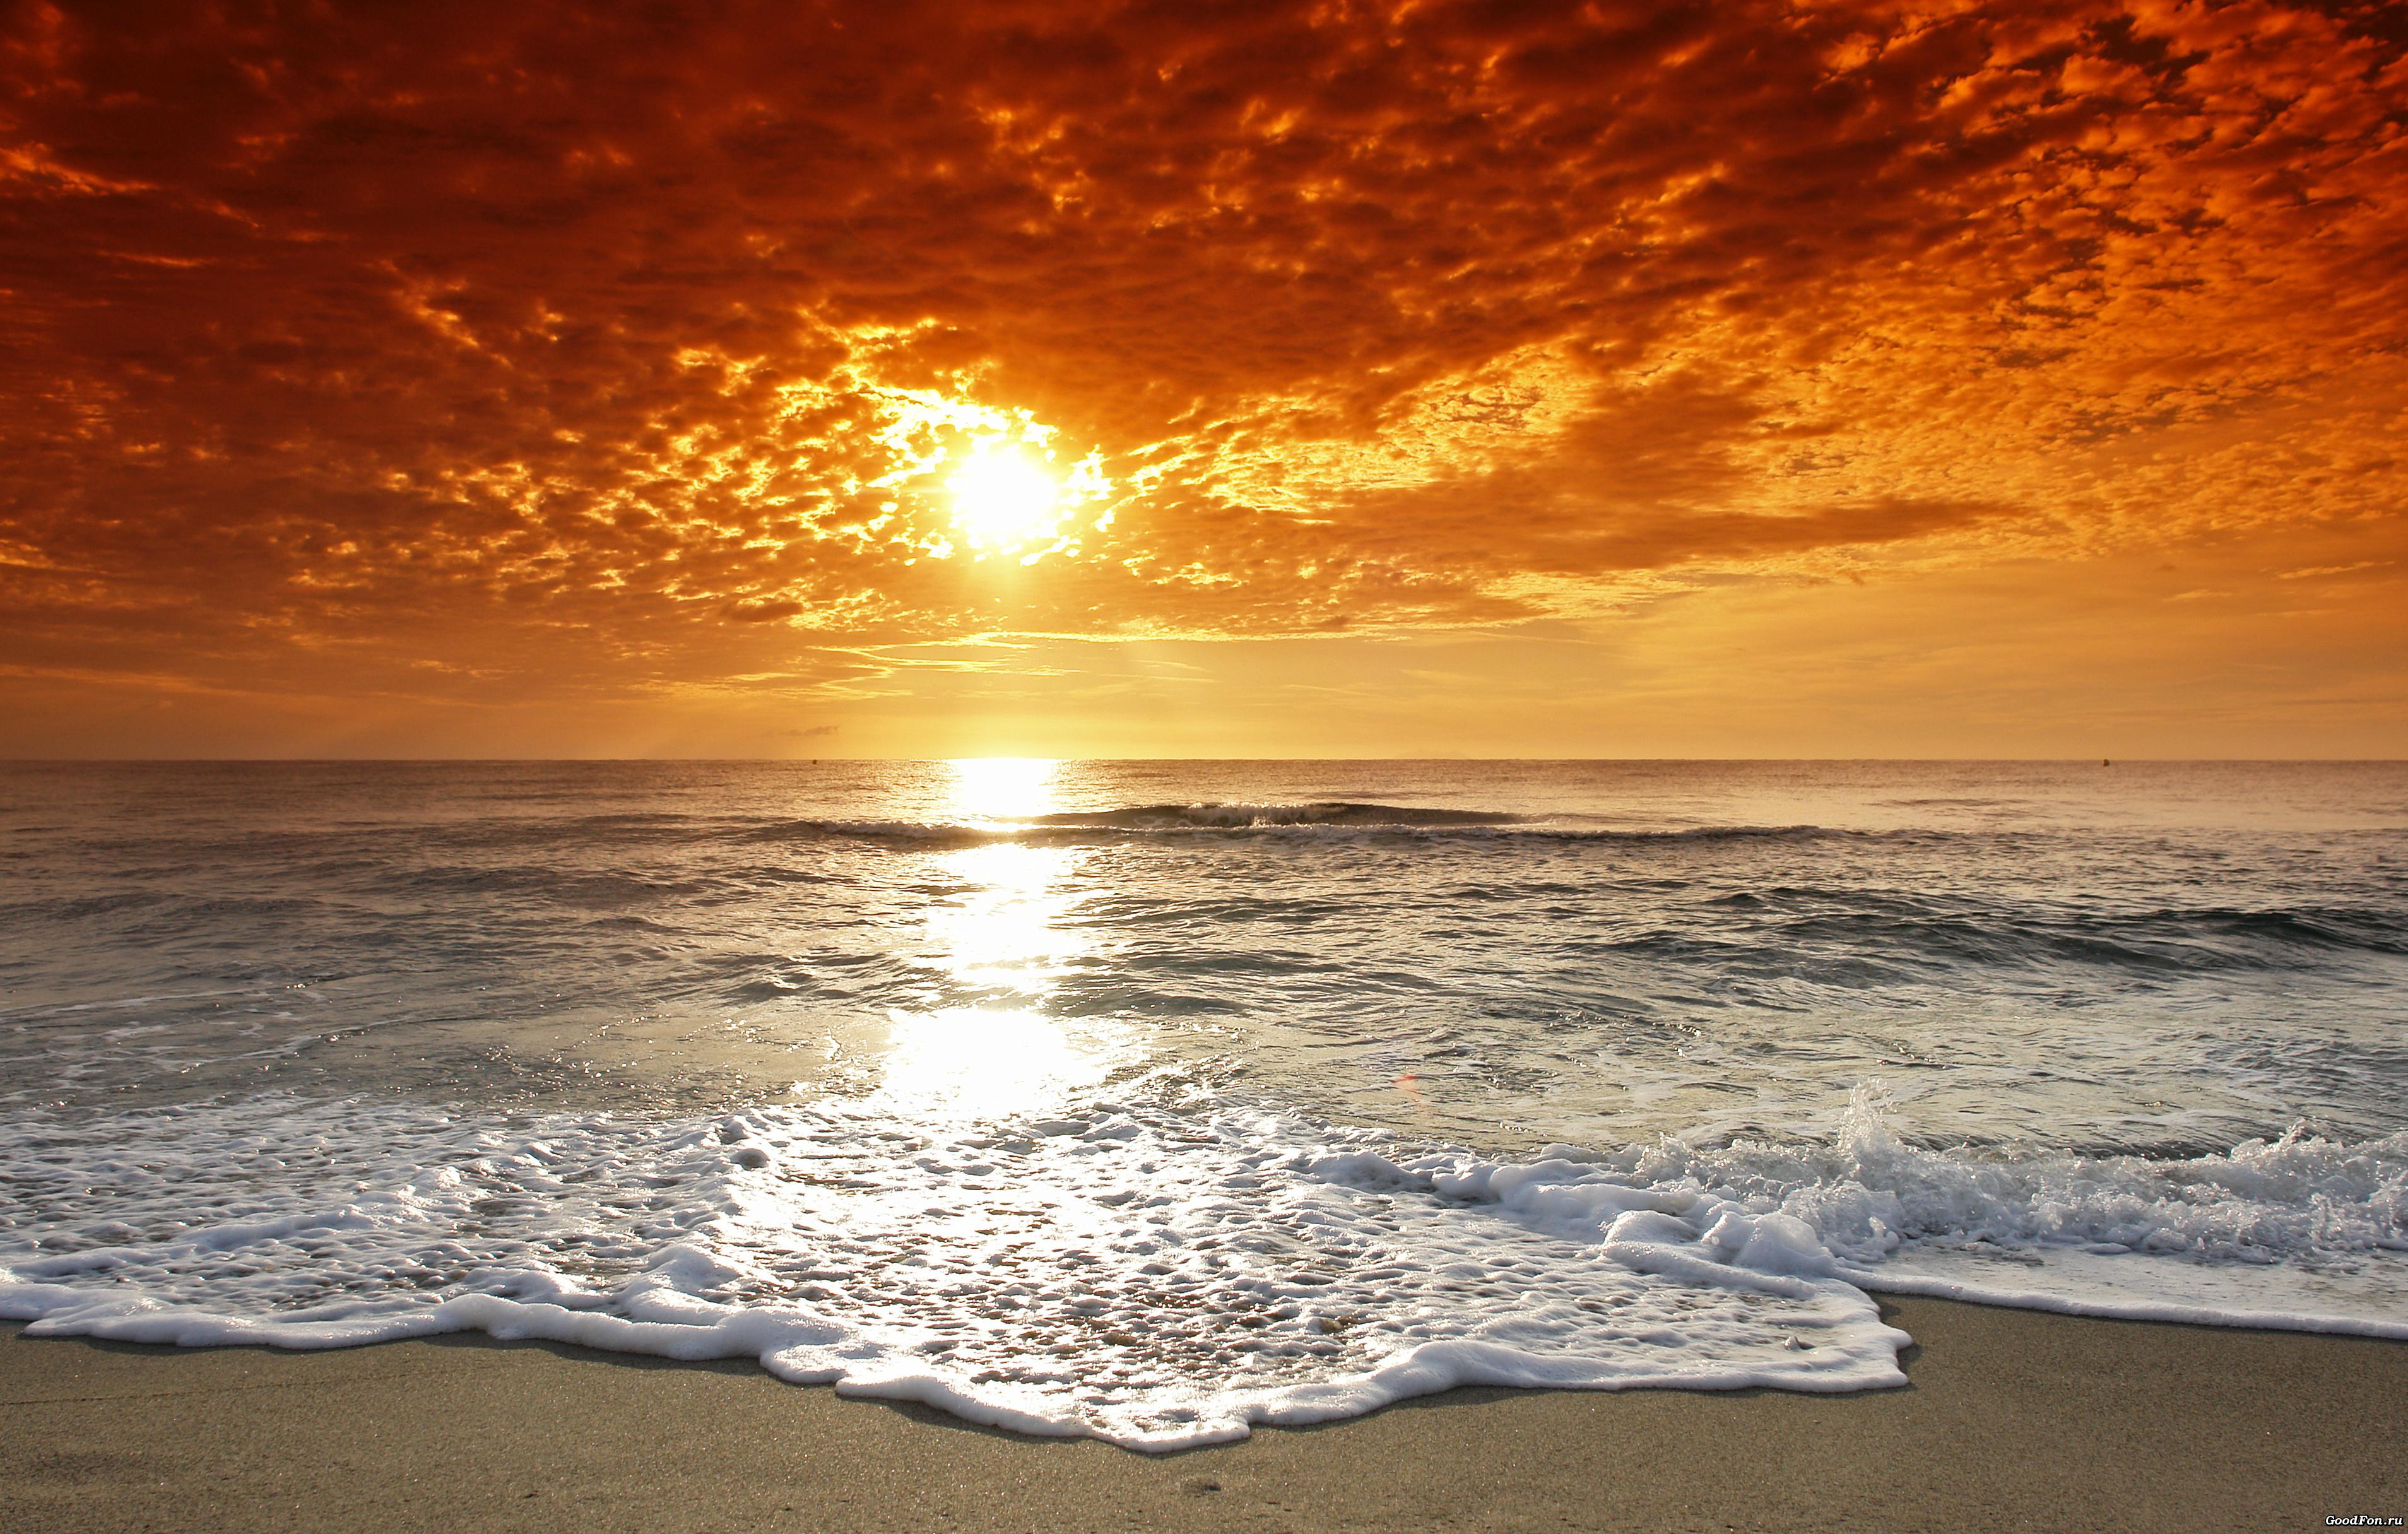 Не спокойное море в лучах заката  № 3849220 без смс